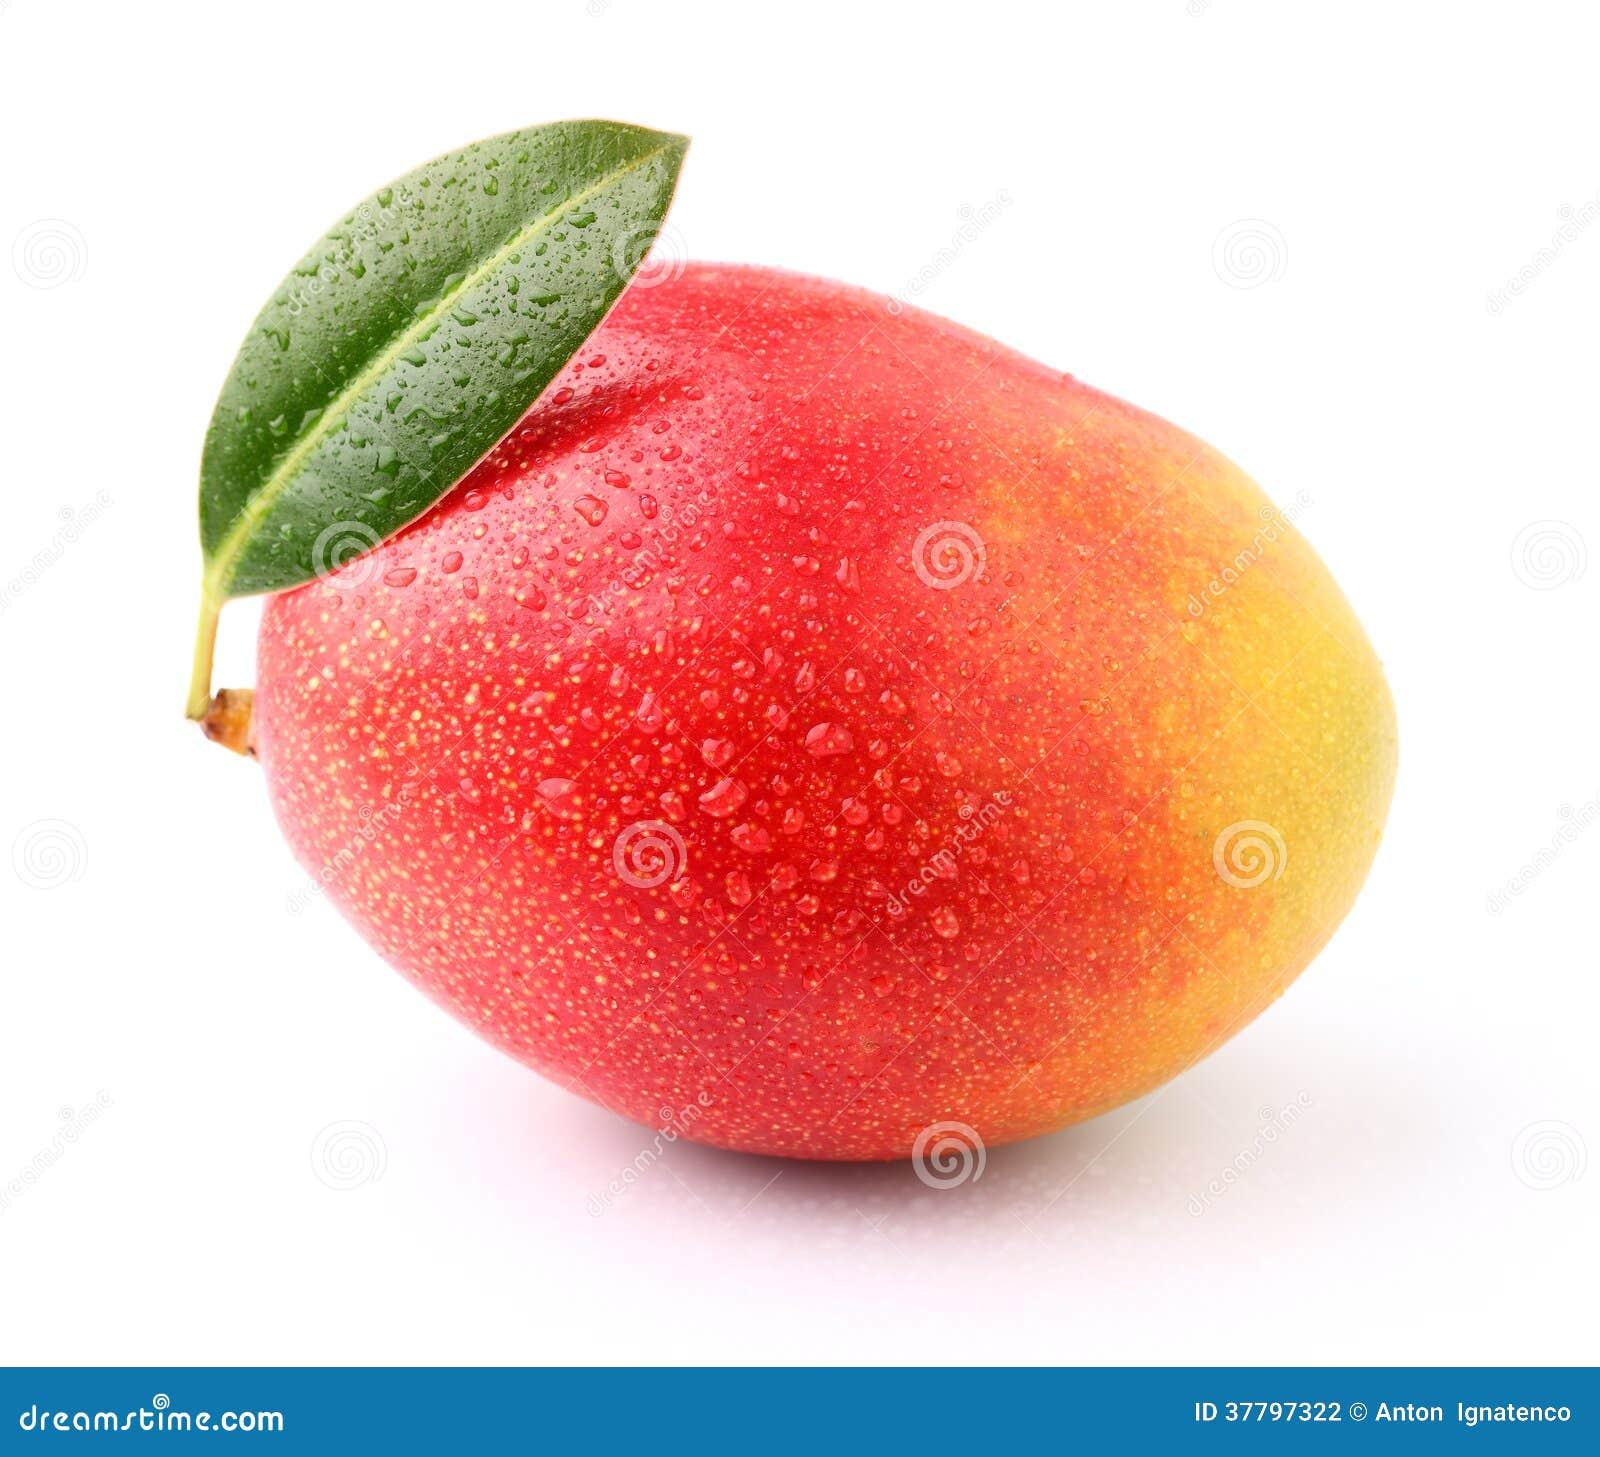 how to make mango color